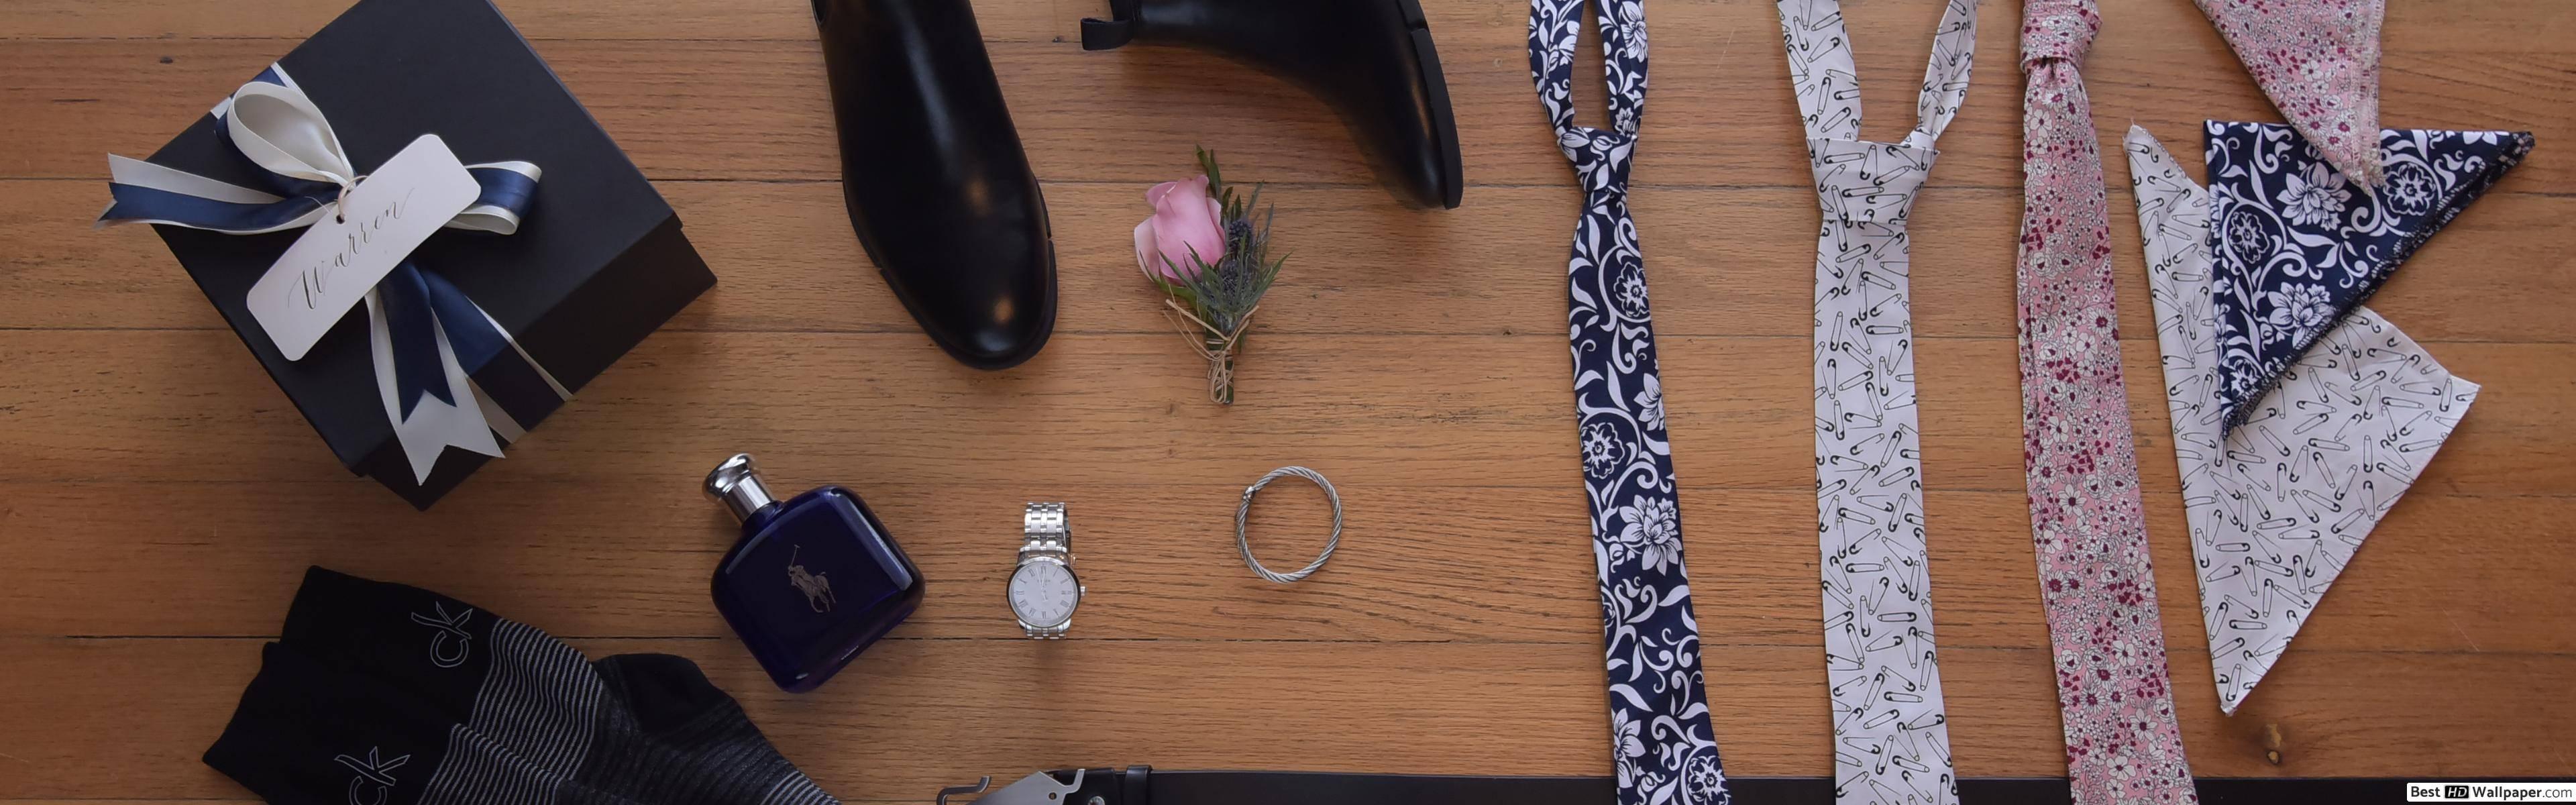 15 забавных и милых идей для свадьбы